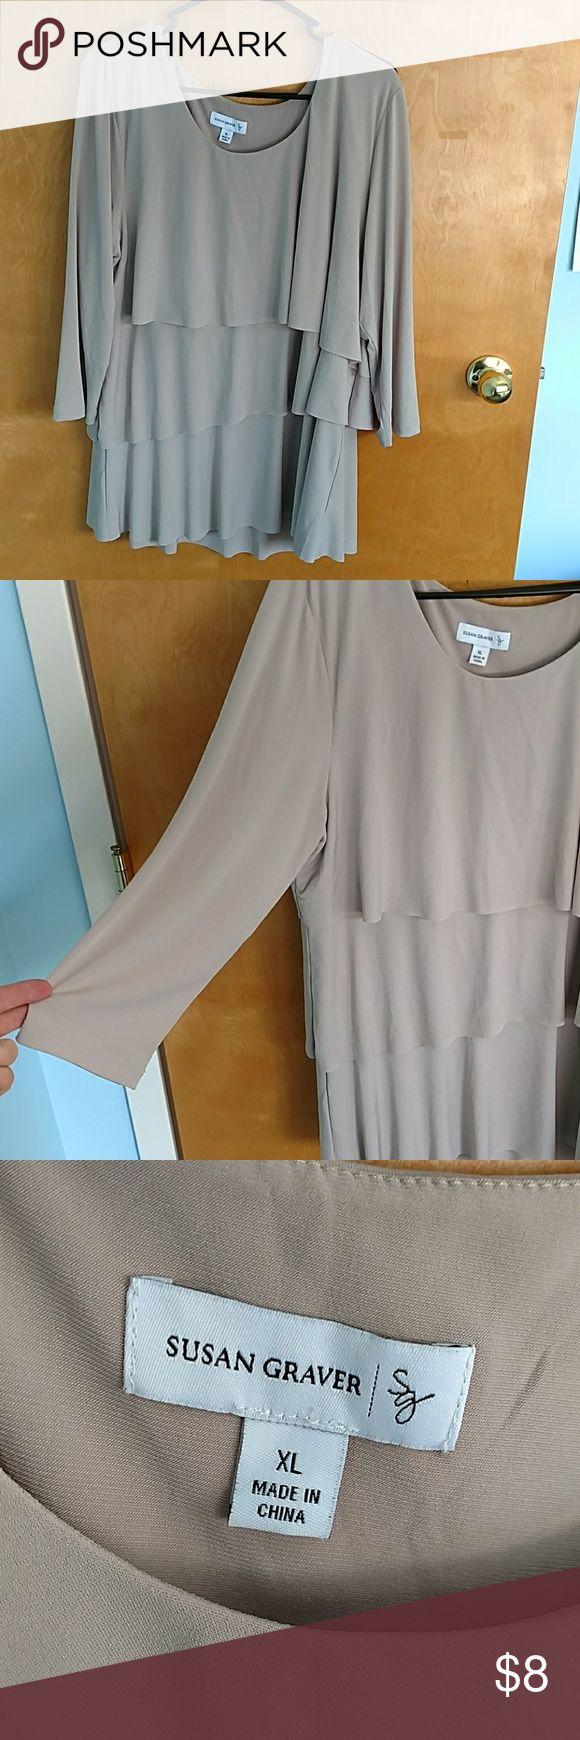 Susan Graver Women's Blouse Susan Graver Women's Blouse, tan, XL, 3/4 sleeves Susan Graver Tops Blouses